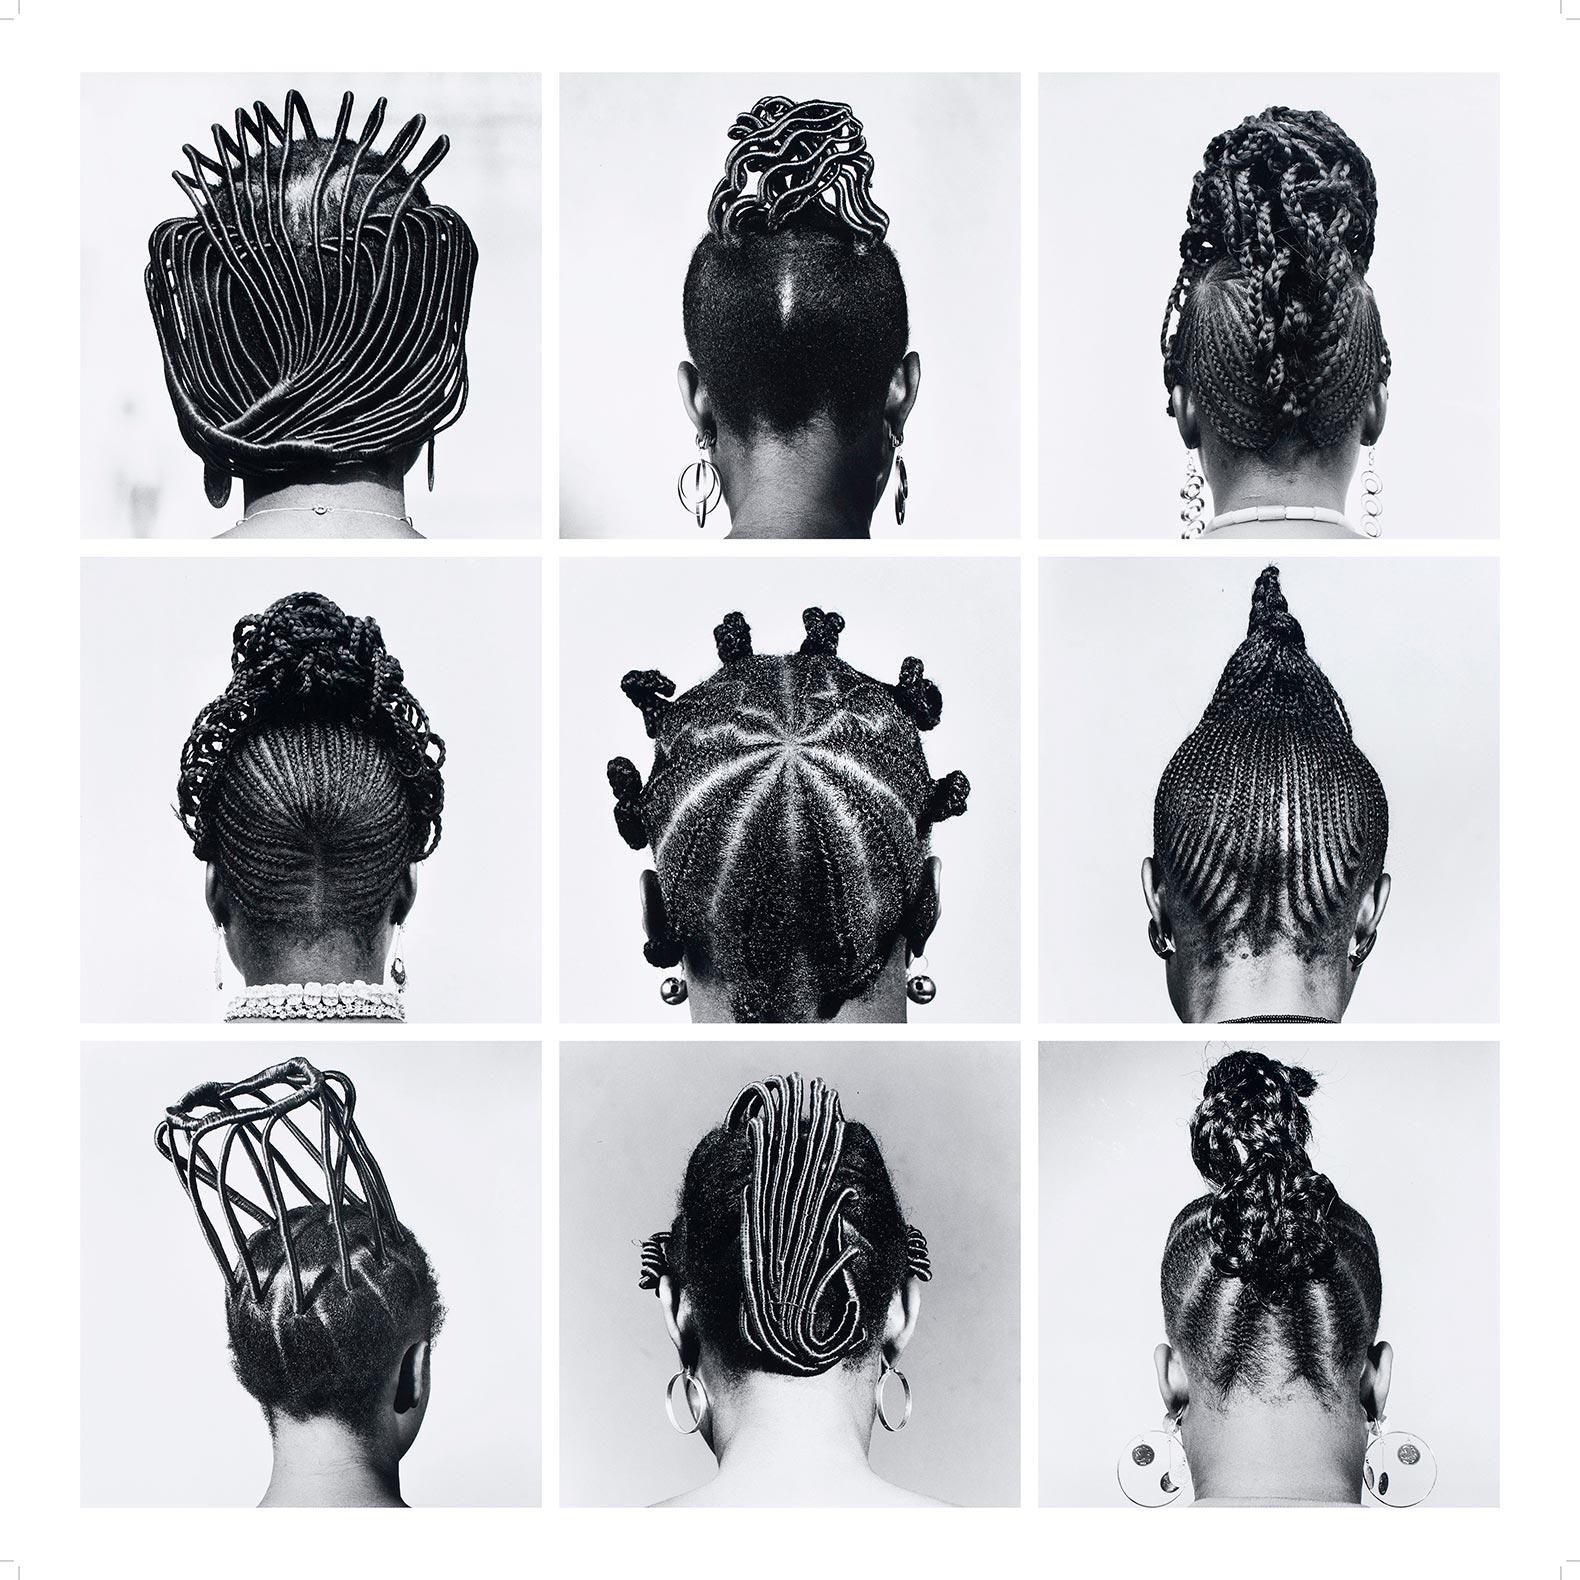 J.D. 'Okhai Ojeikere, Sin título [Peinados], 1970-79. © El artista. Cortesía The Walther Collection y Galería Magnin-A, París